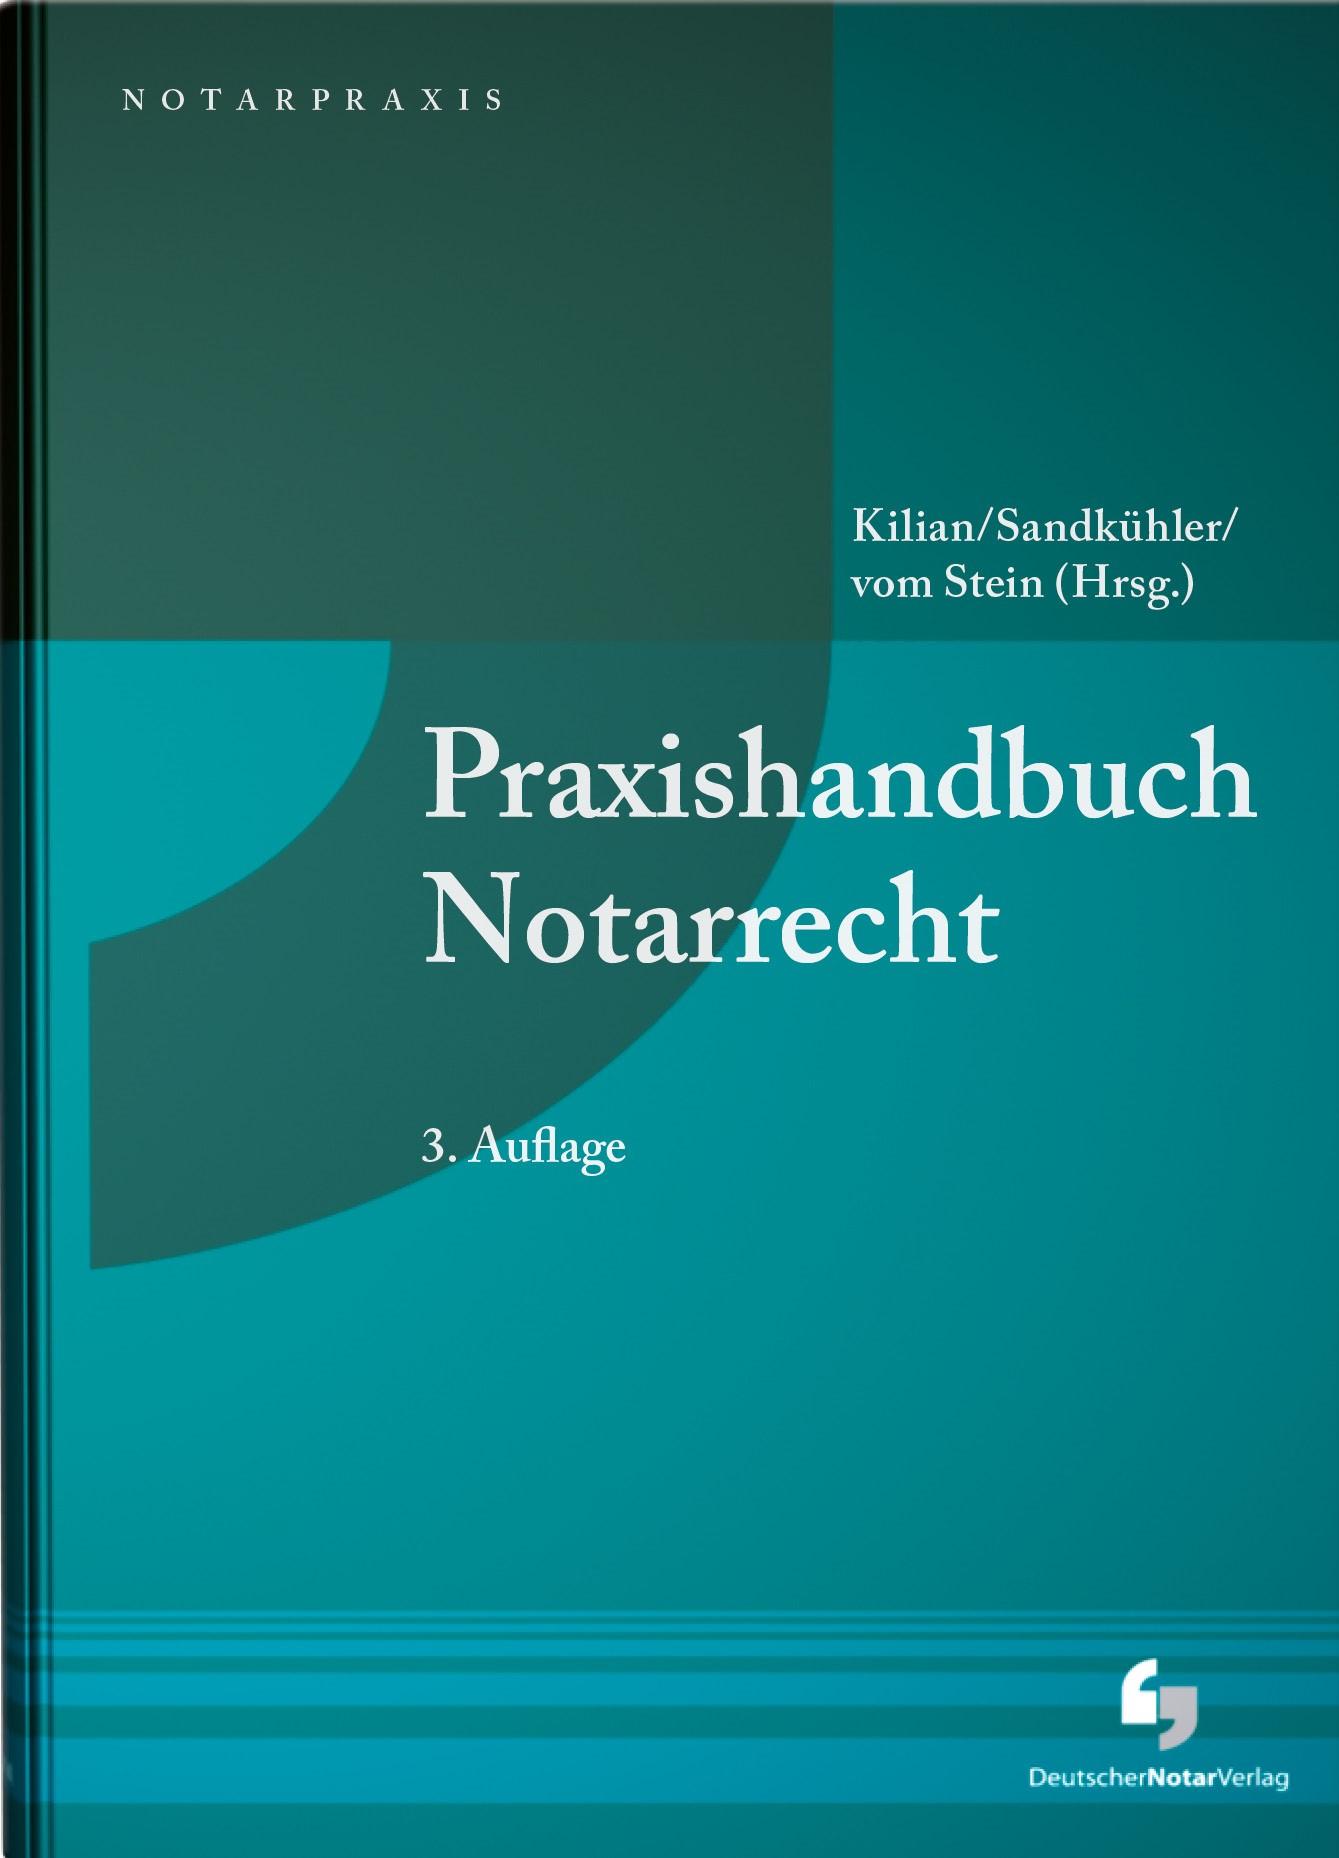 Praxishandbuch Notarrecht | Kilian / Sandkühler / vom Stein (Hrsg.) | 3. Auflage, 2017 | Buch (Cover)